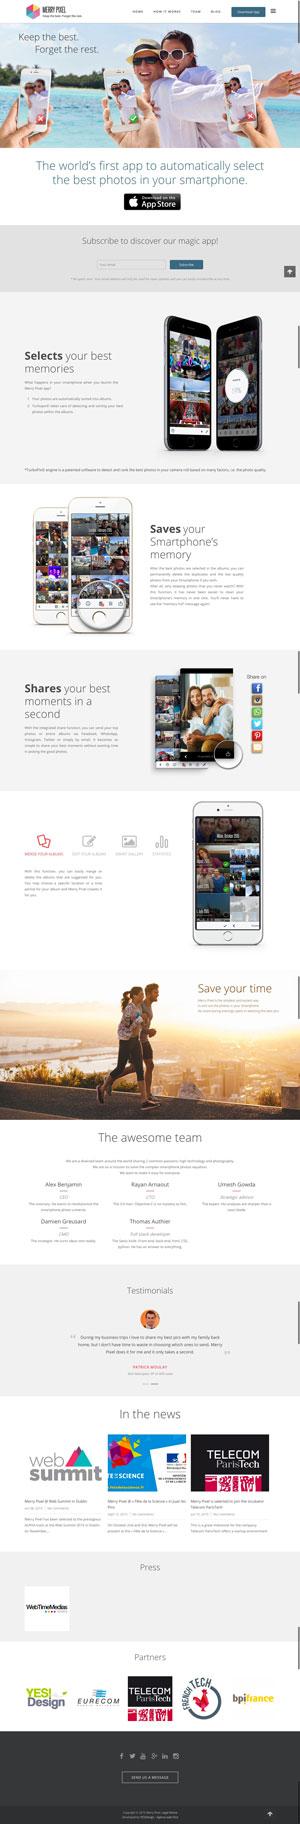 Création site web - Merry Pixel